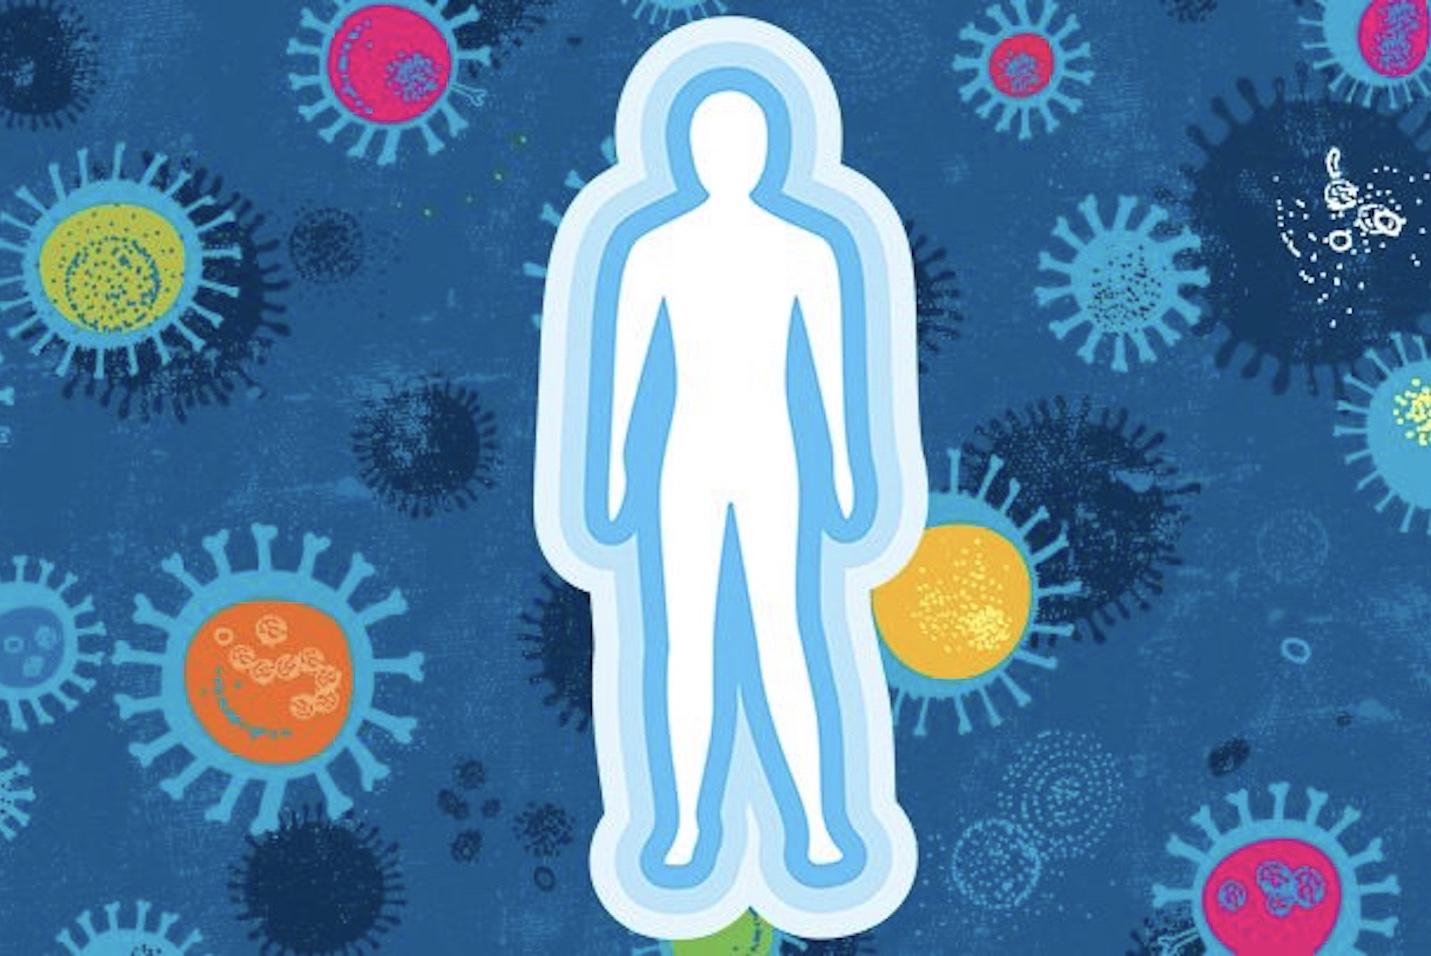 Медики советуют пожилым людям укреплять иммунитет витаминными комплексами